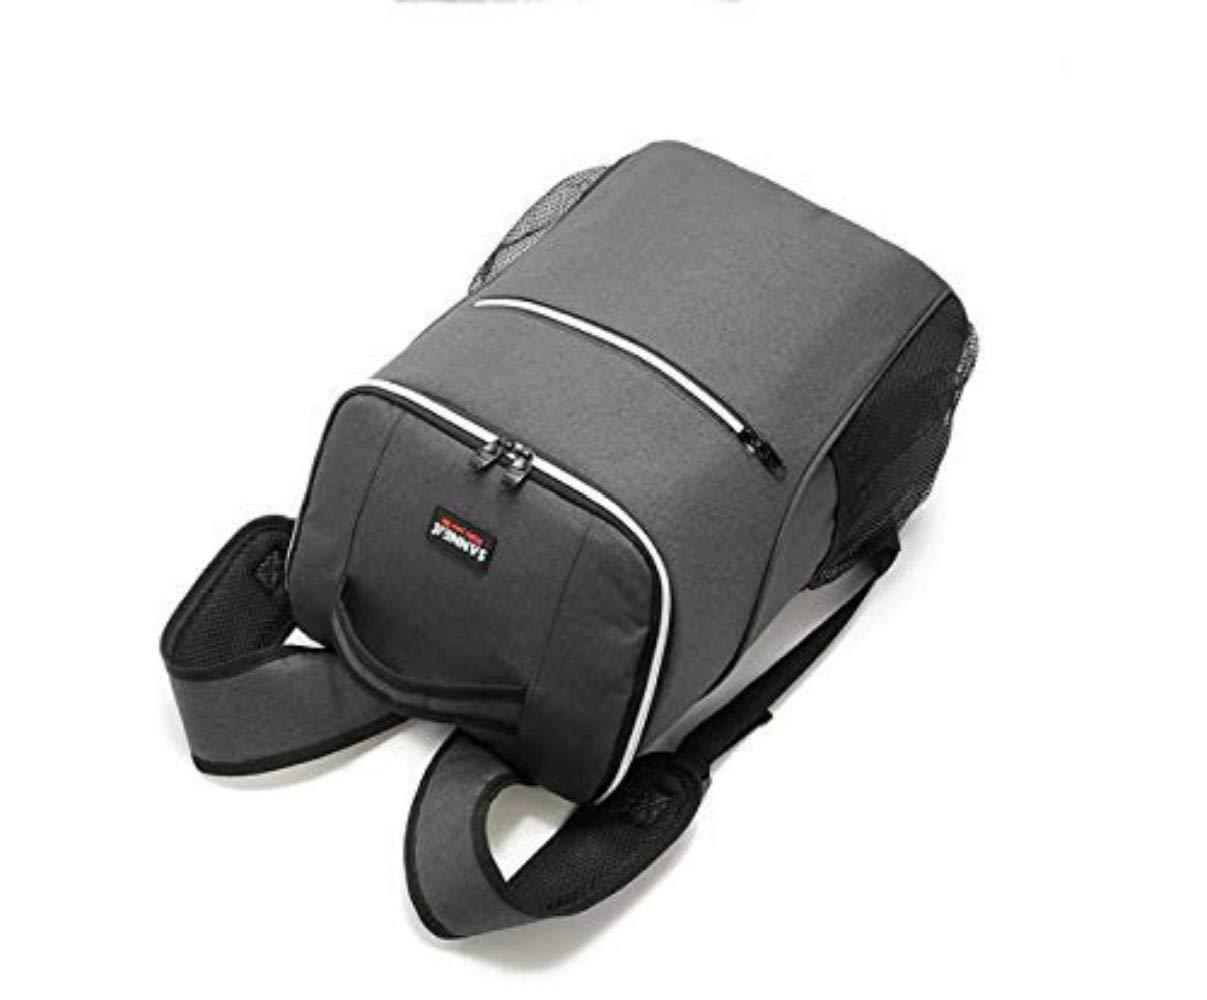 Rouge Marbeine Sac /à Dos Isotherme 20L Glaci/ère Sac de Repas Lunch Bag pour Travail Ecole Pique-Nique